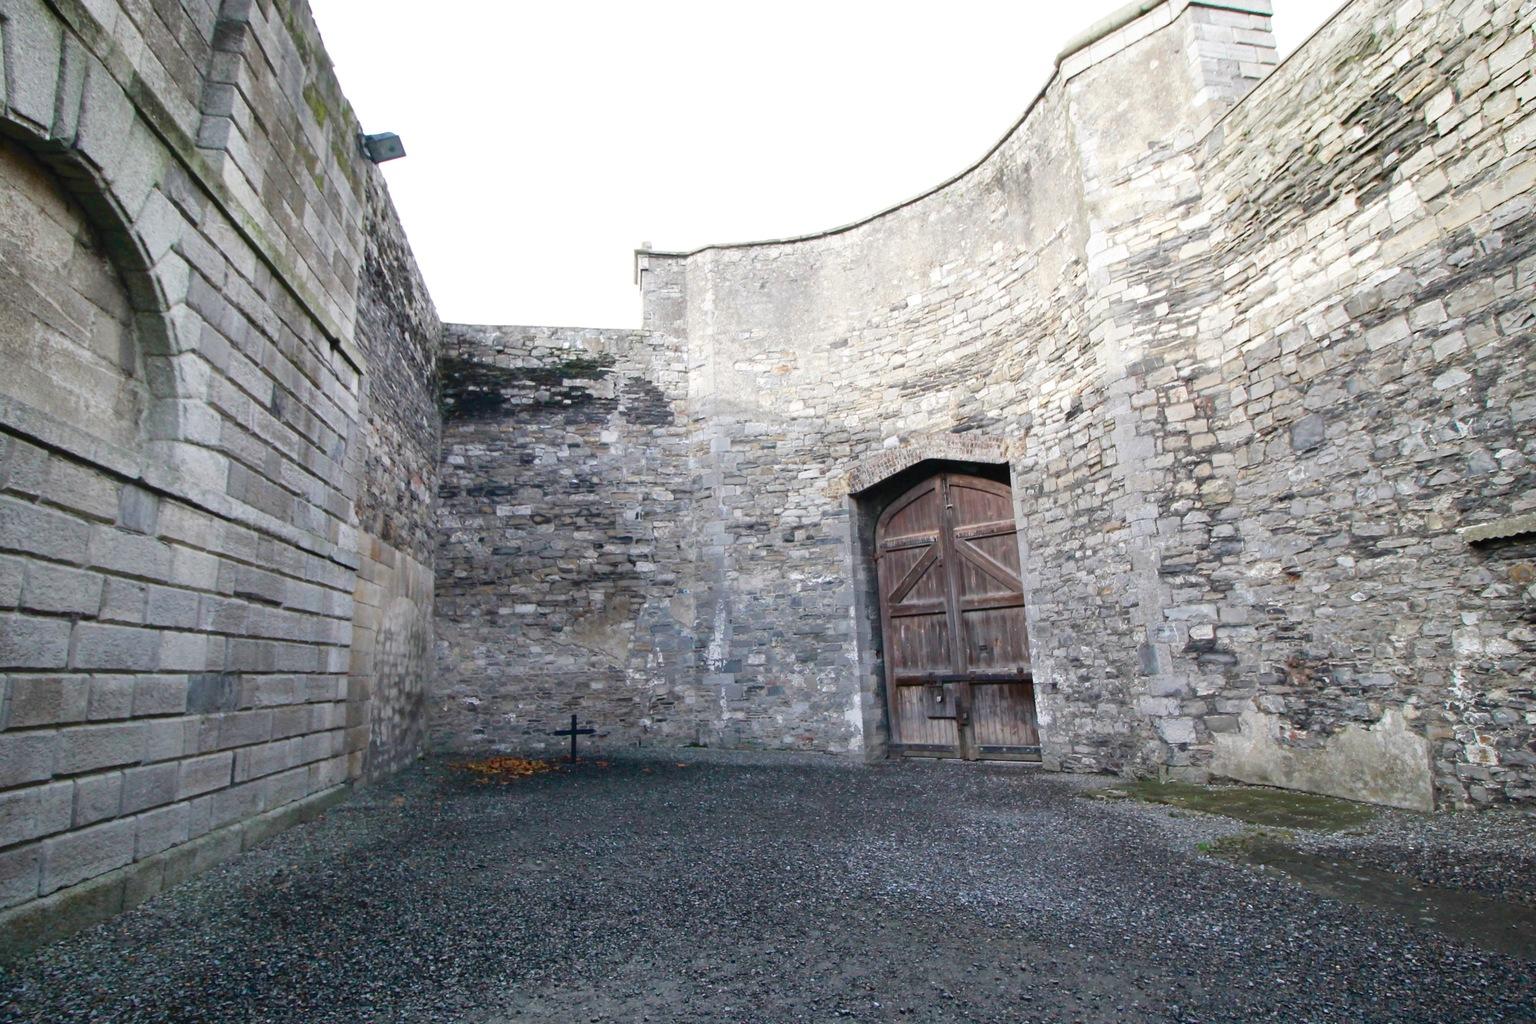 Kilmainham Gaol Kilmainham Jail Dublin Ireland